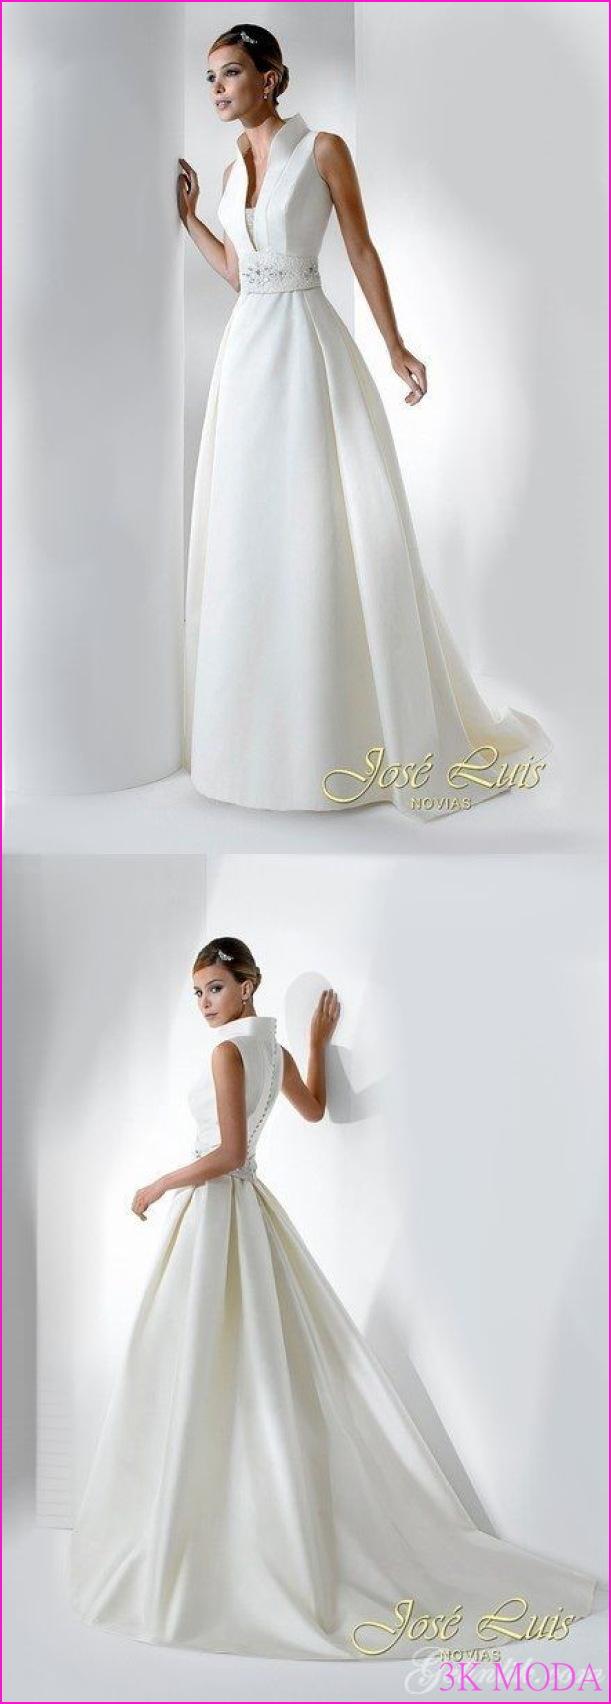 Hakim Yaka Elbise Modelleri 2016_4.jpg